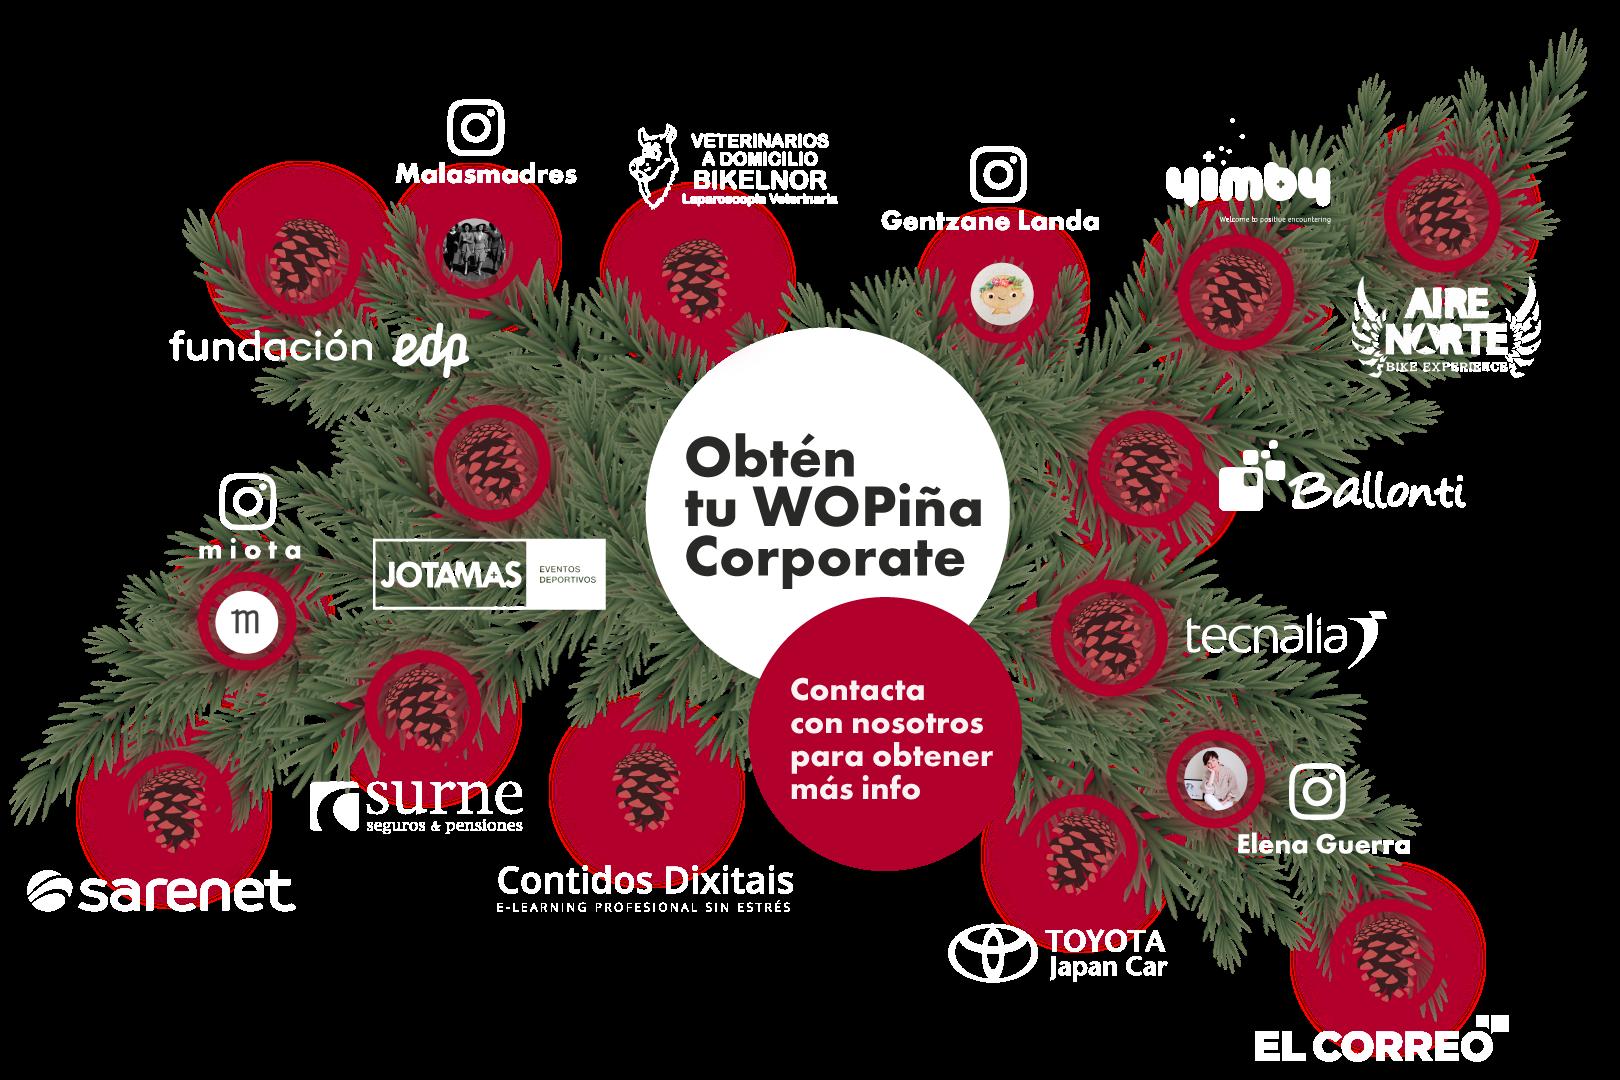 WOPiñas Corporate